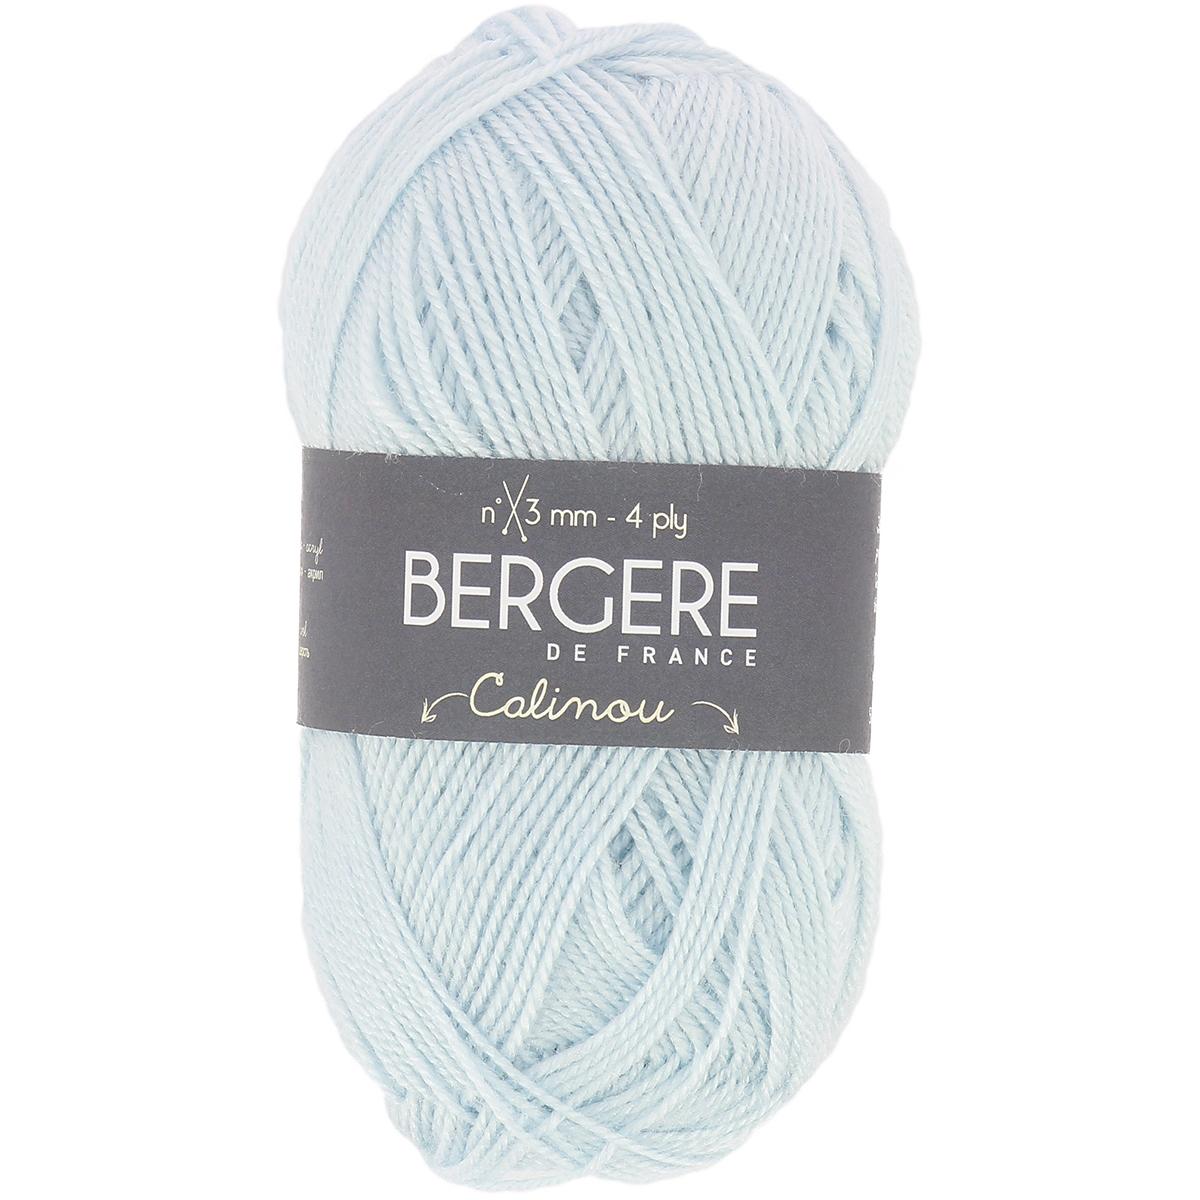 Bergere De France Calinou Yarn-Bleu Azur